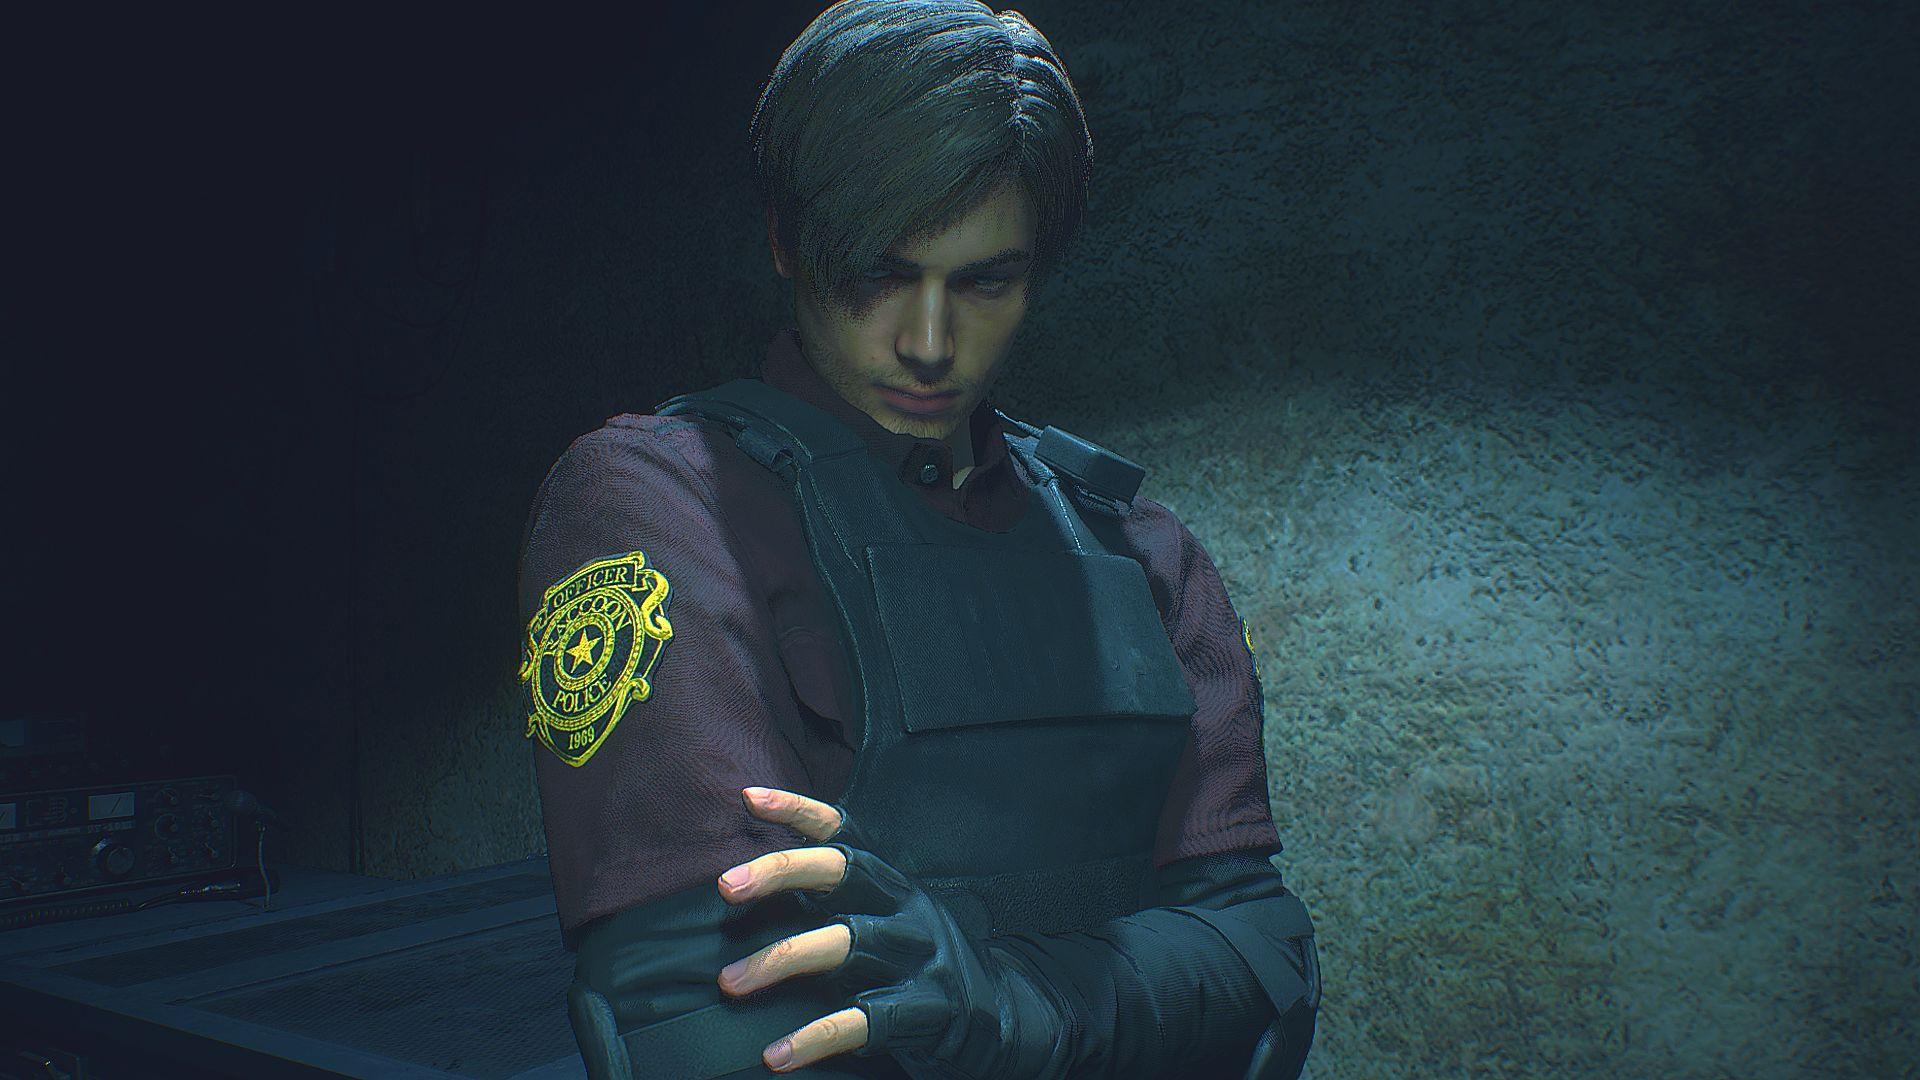 000714.Jpg - Resident Evil 2